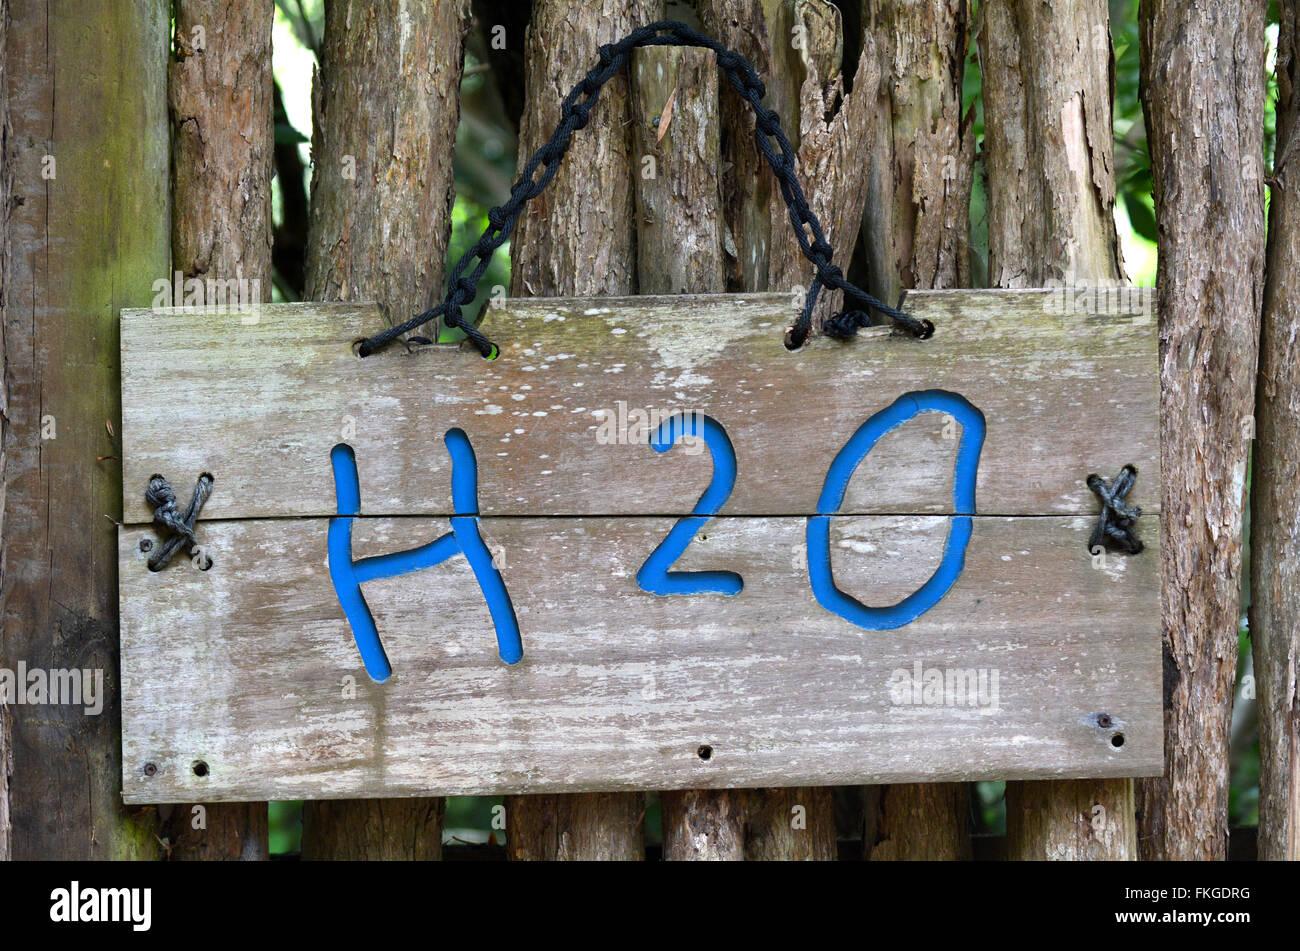 Die chemische Formel von Wasser H2O auf Outdoor-Zeichen. Wasserkonzept Stockbild